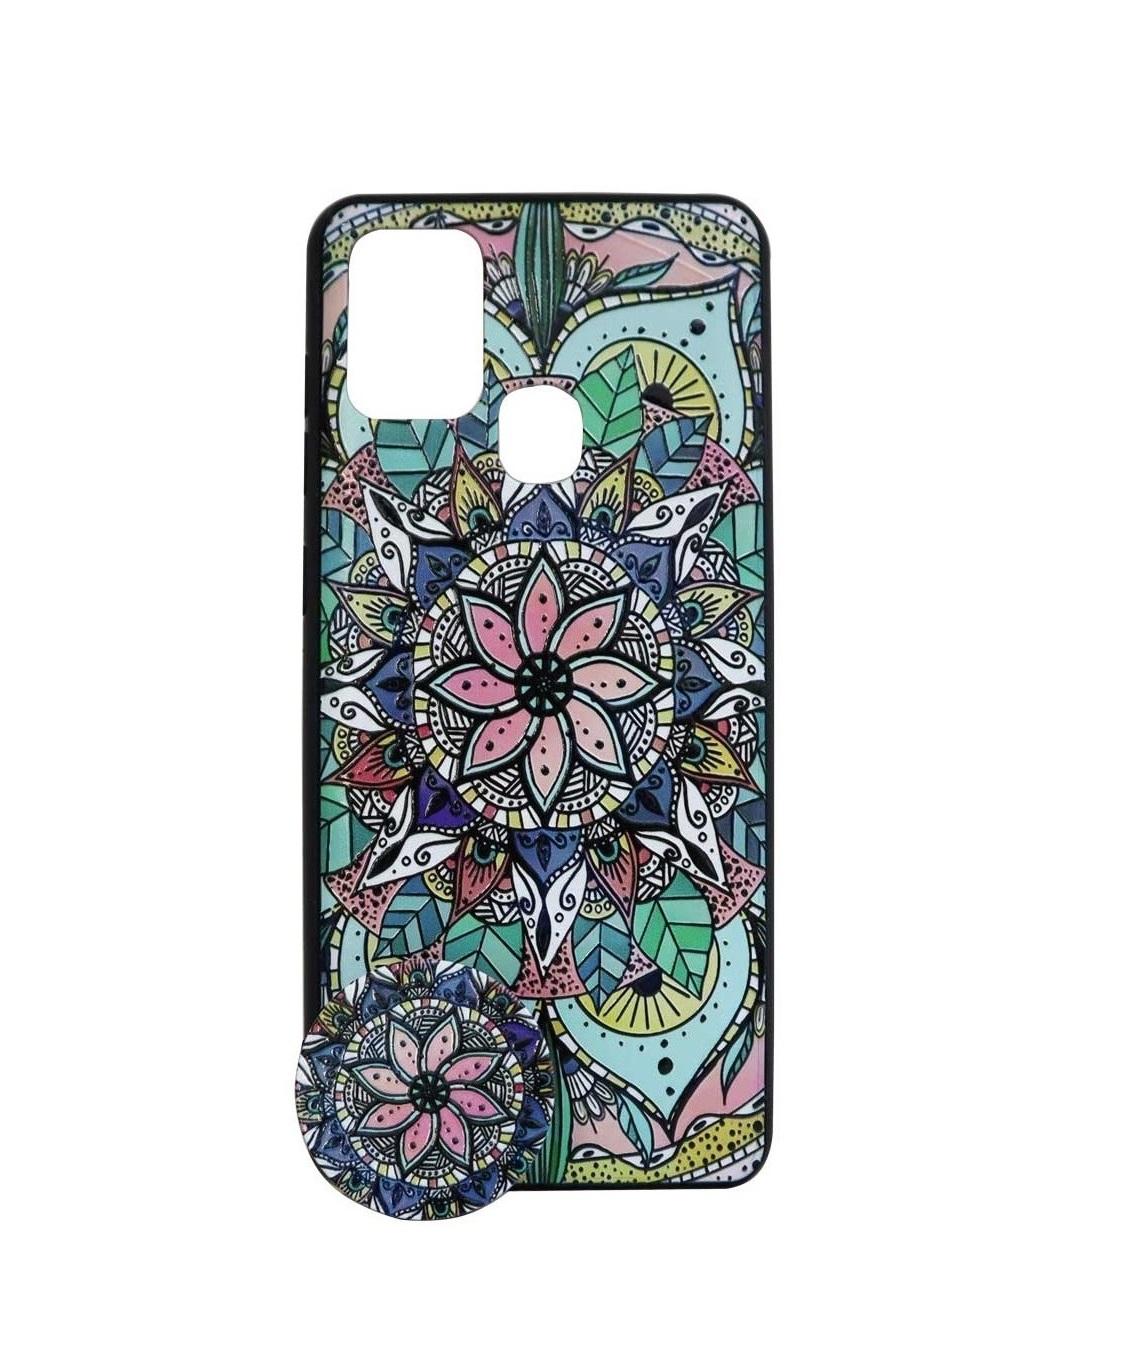 تصویر از کاور هولدردار طرح اسلیمی مناسب برای گوشی موبایل سامسونگ Galaxy A21s